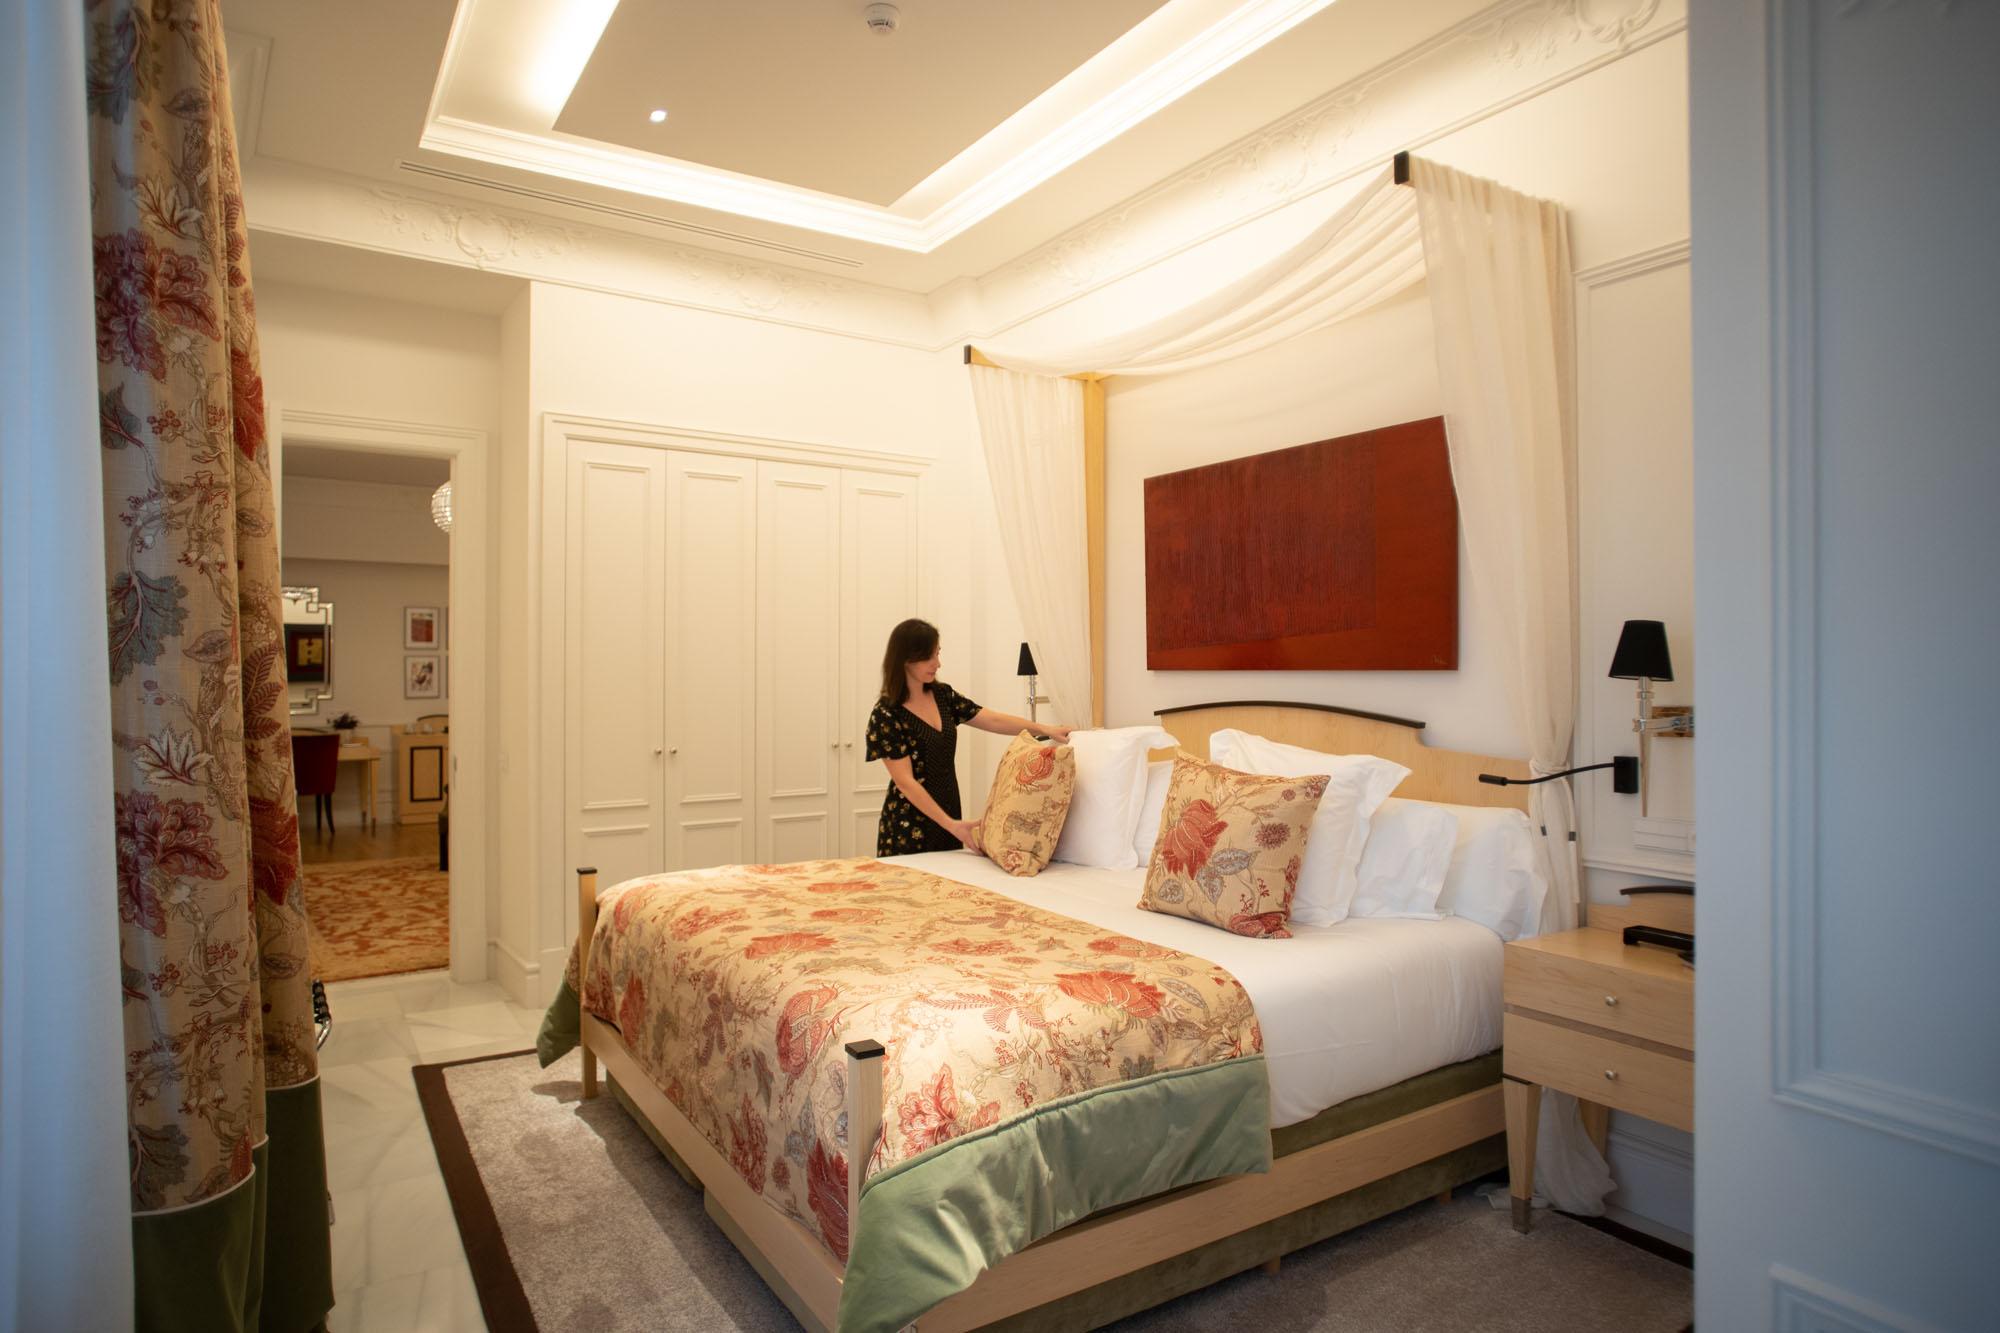 La suite María Luisa es la mayor habitación de todas. Su precio supera los 650 euros por noche.